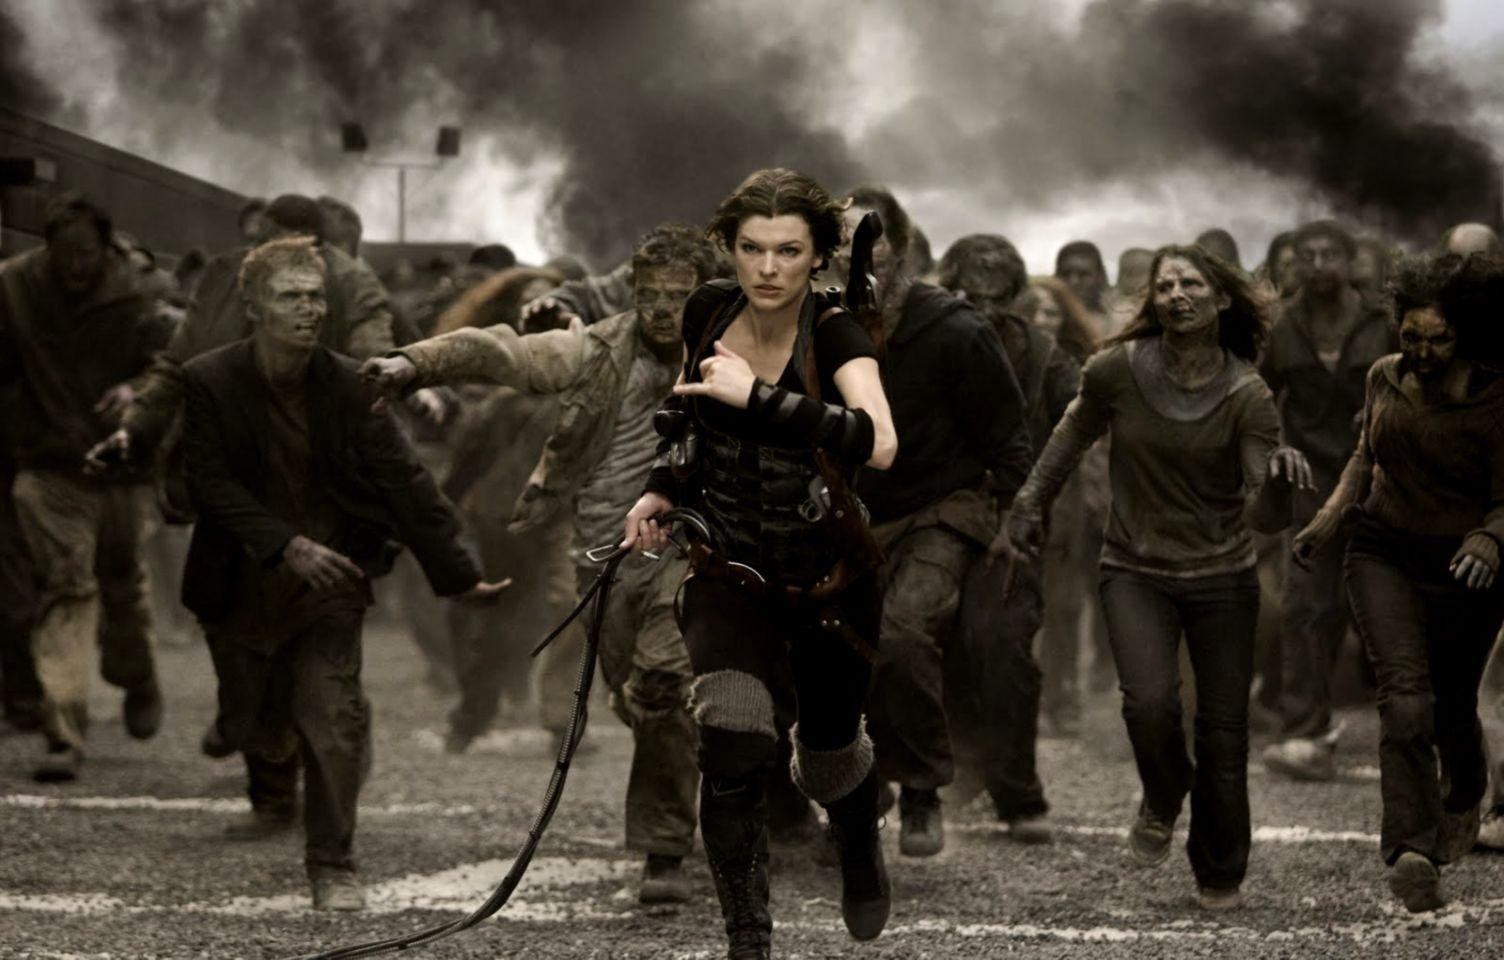 Resident Evil Afterlife Stills Poster Wallpapers Image